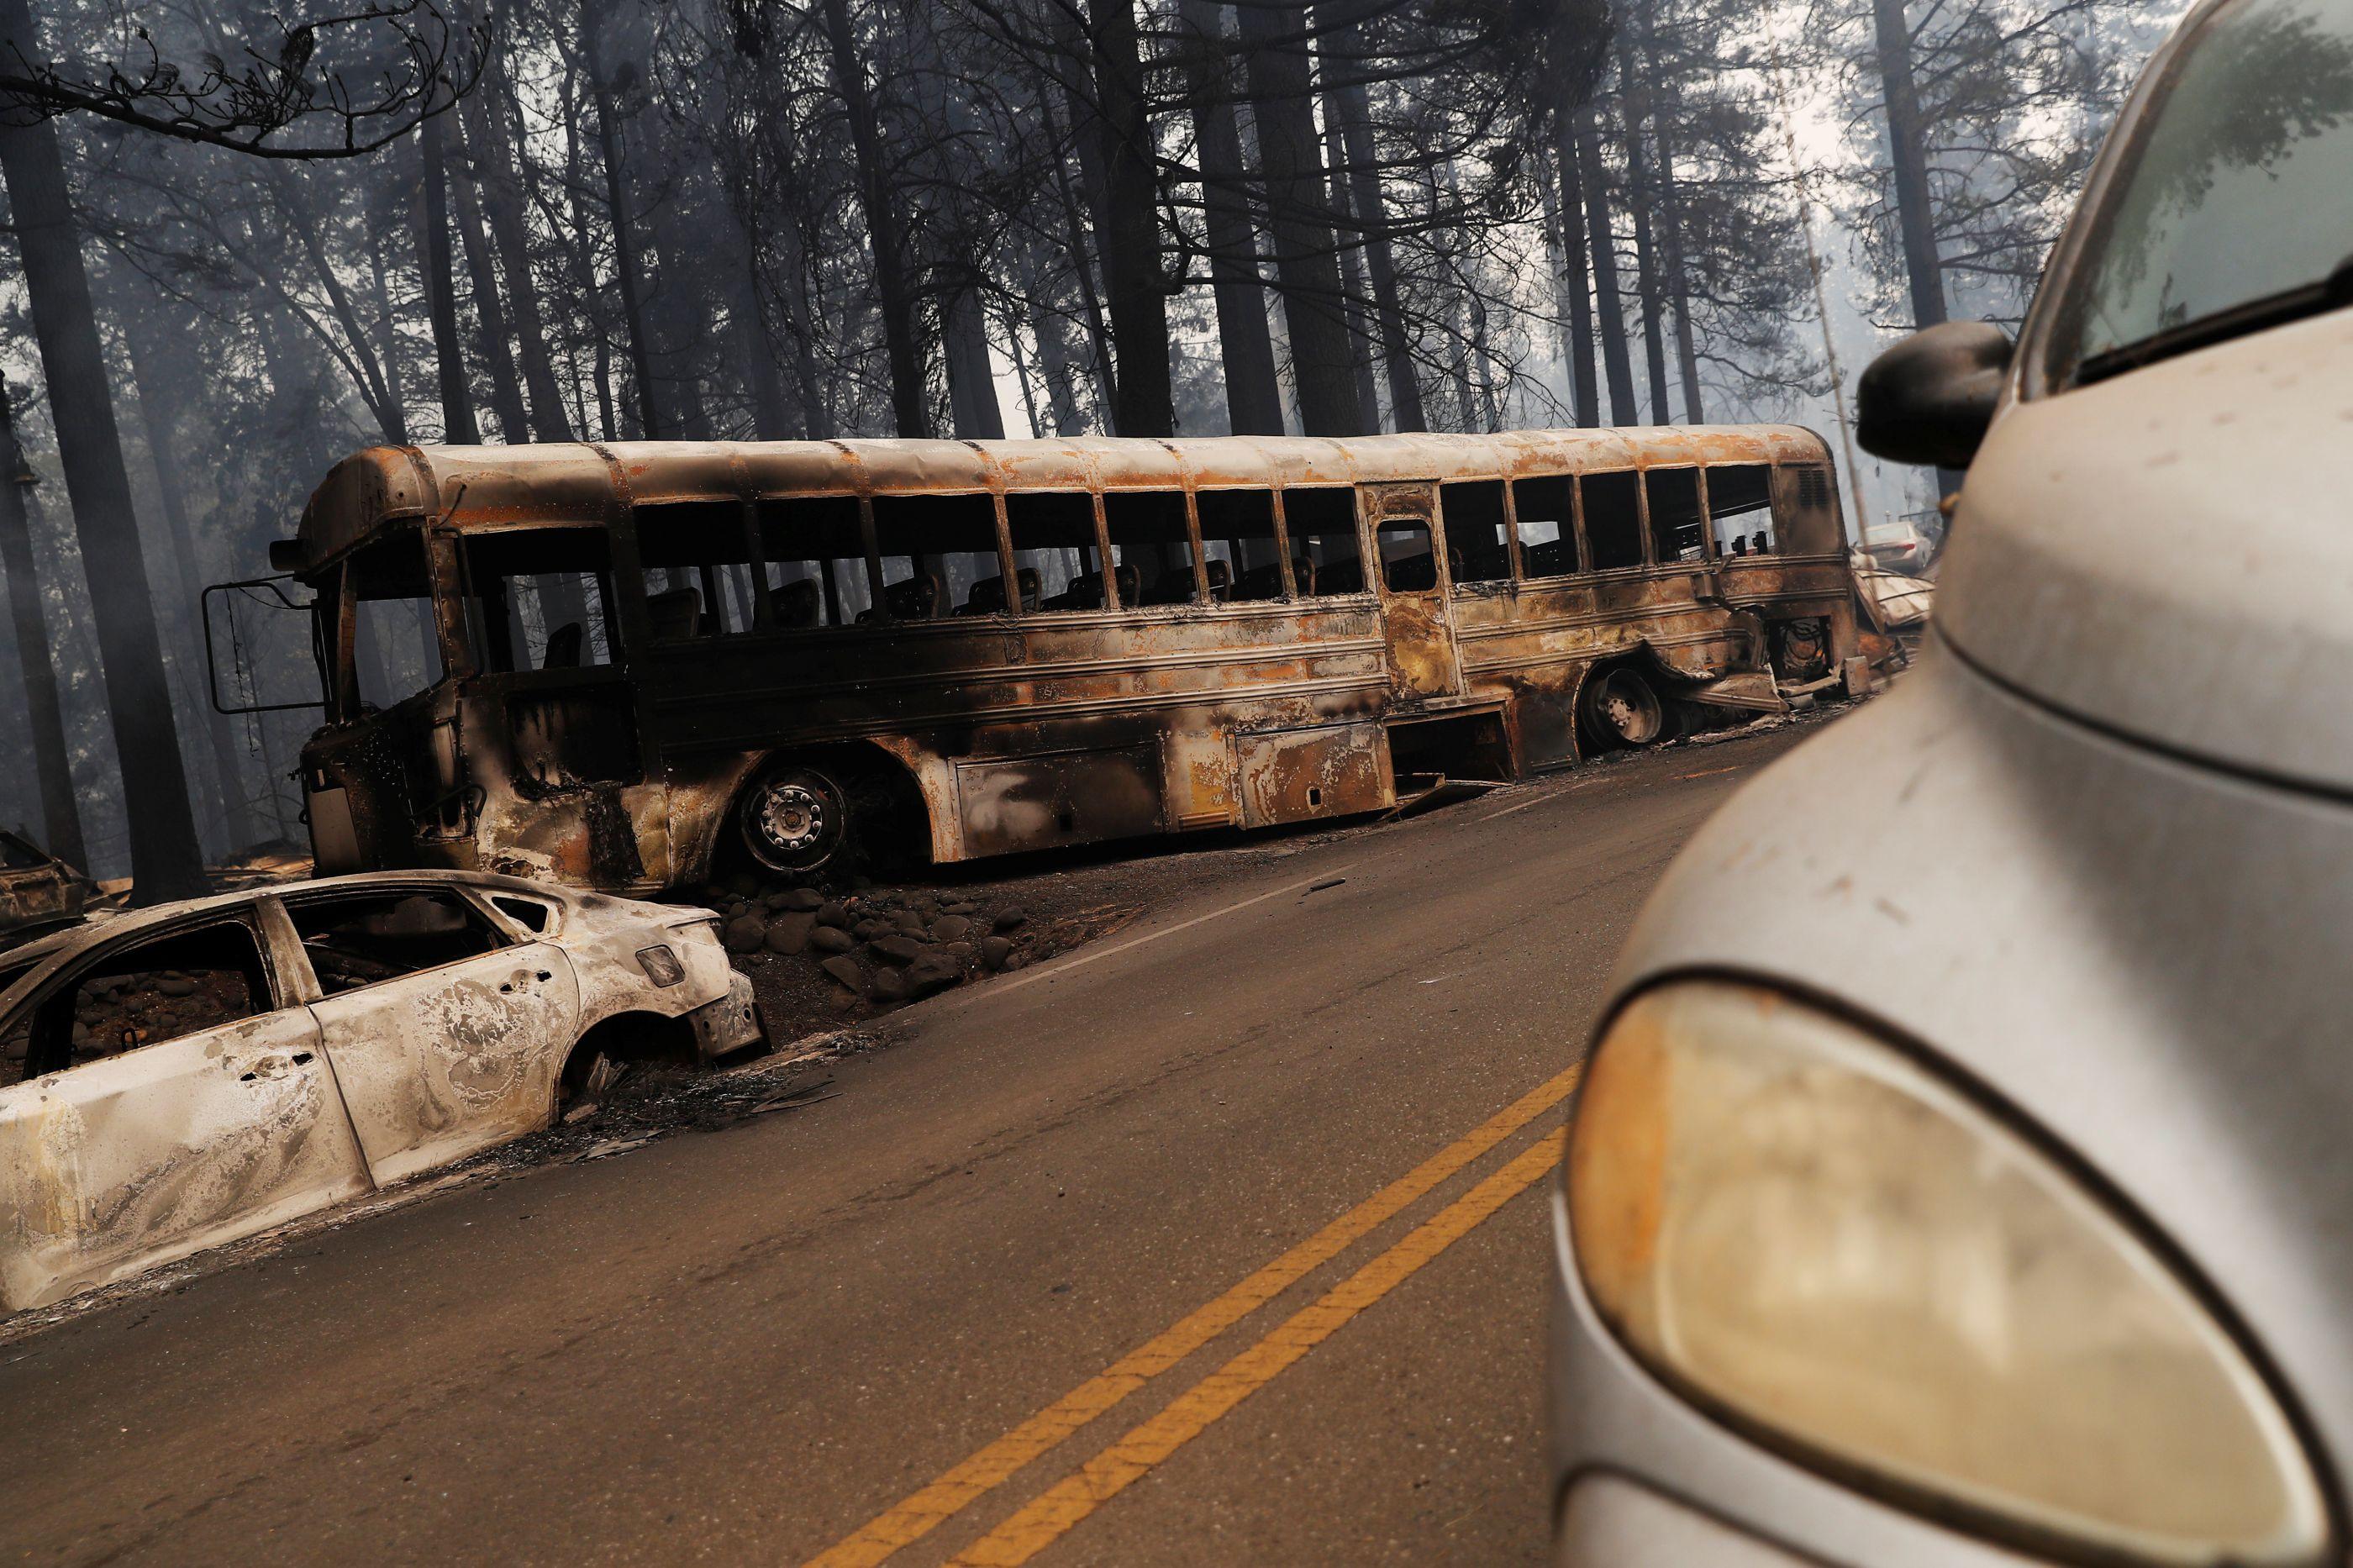 Incêndio: Condutor escolar cortou camisa em pedaços para ajudar crianças